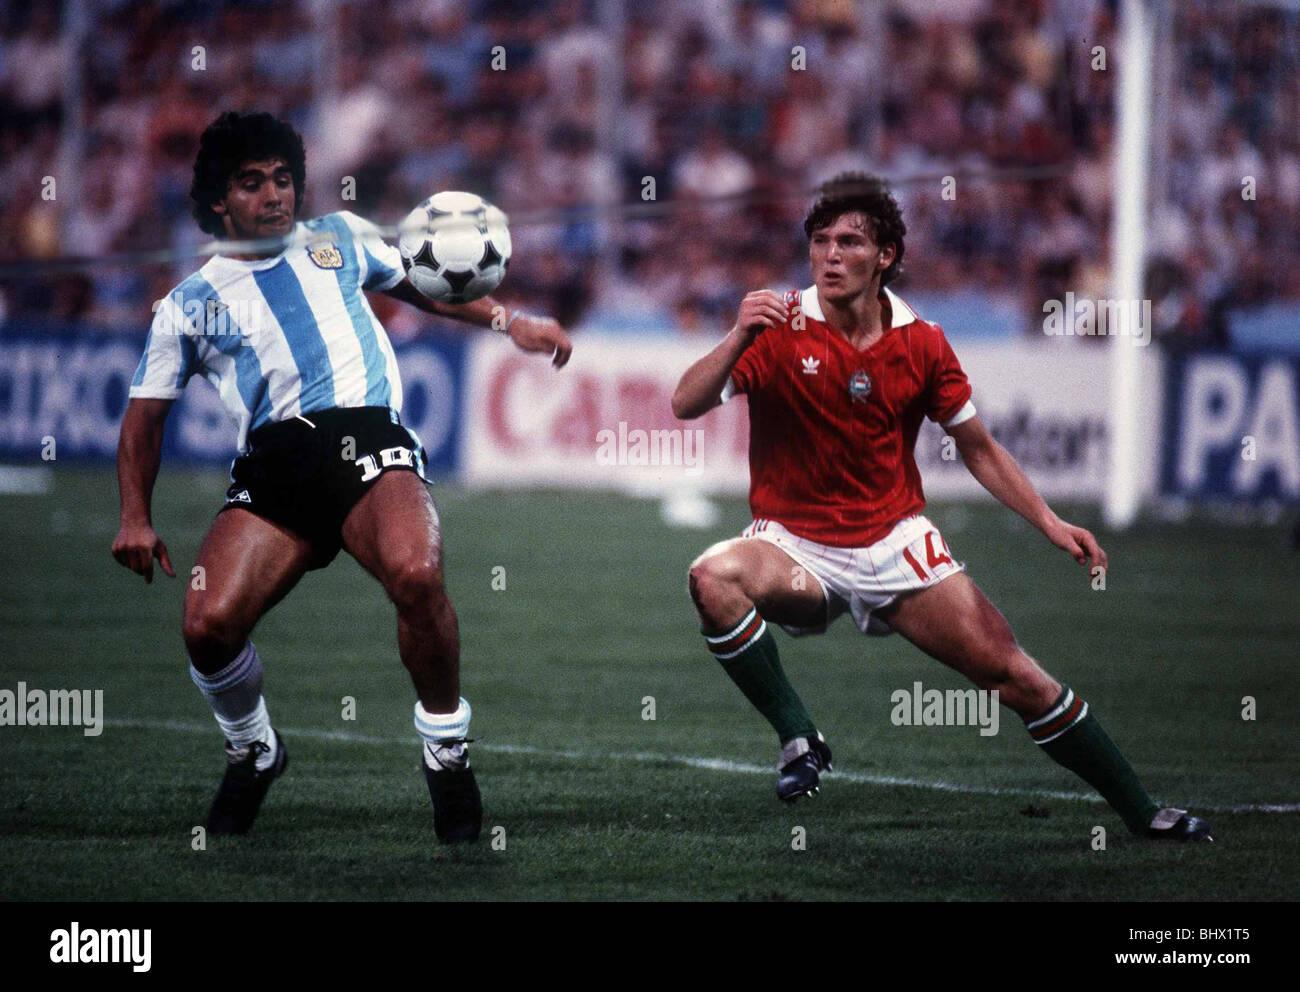 World cup 1982 photos world cup 1982 images alamy - Coupe du monde de football 1982 ...